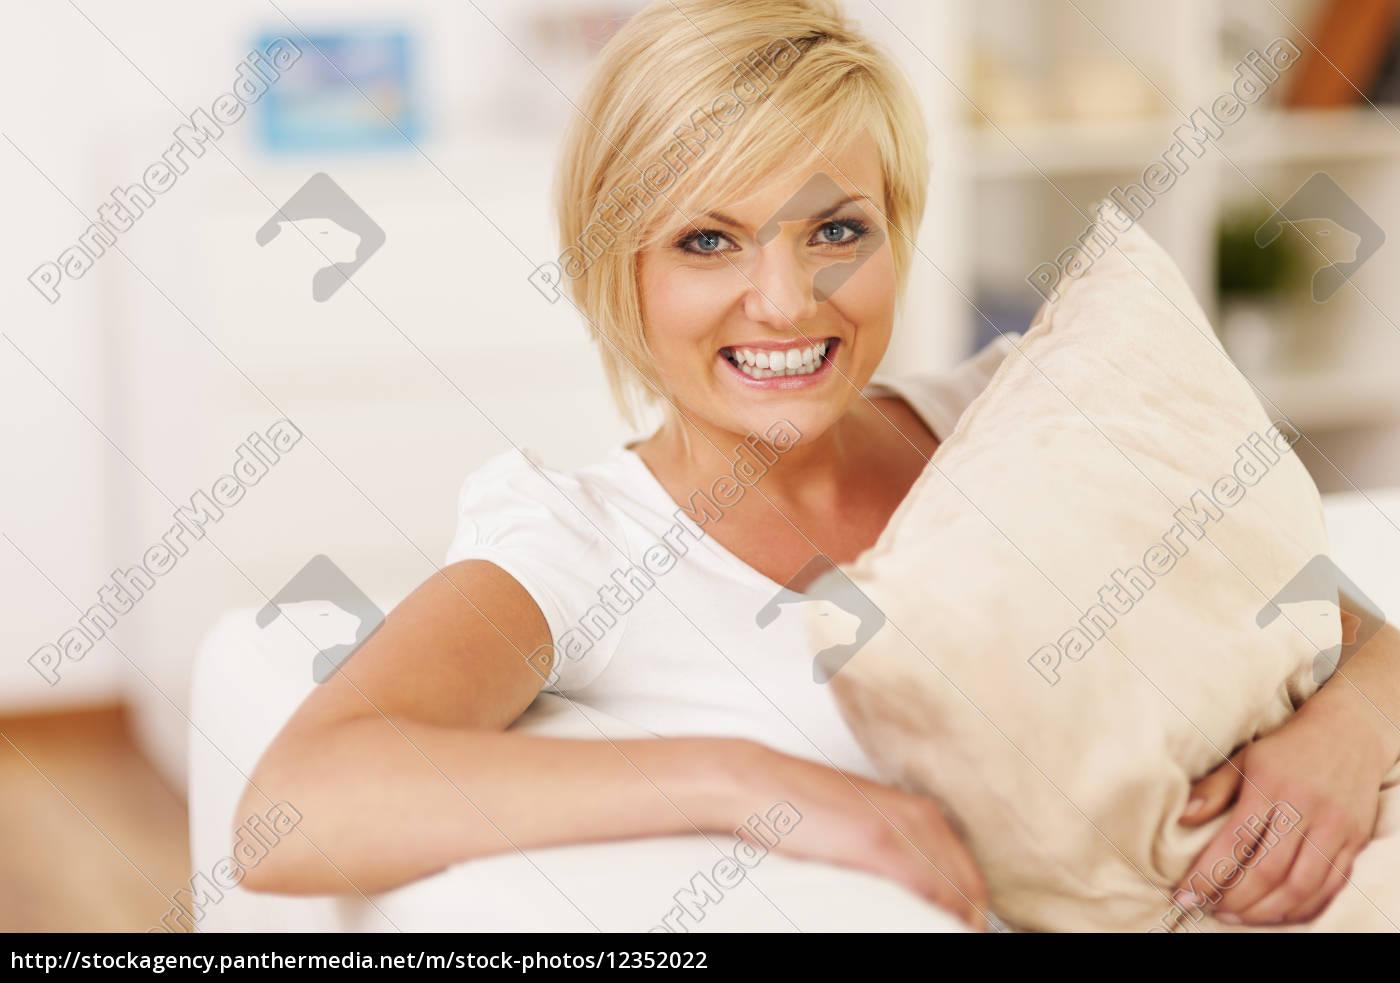 mulher, feliz, que, abraça, o, descanso - 12352022